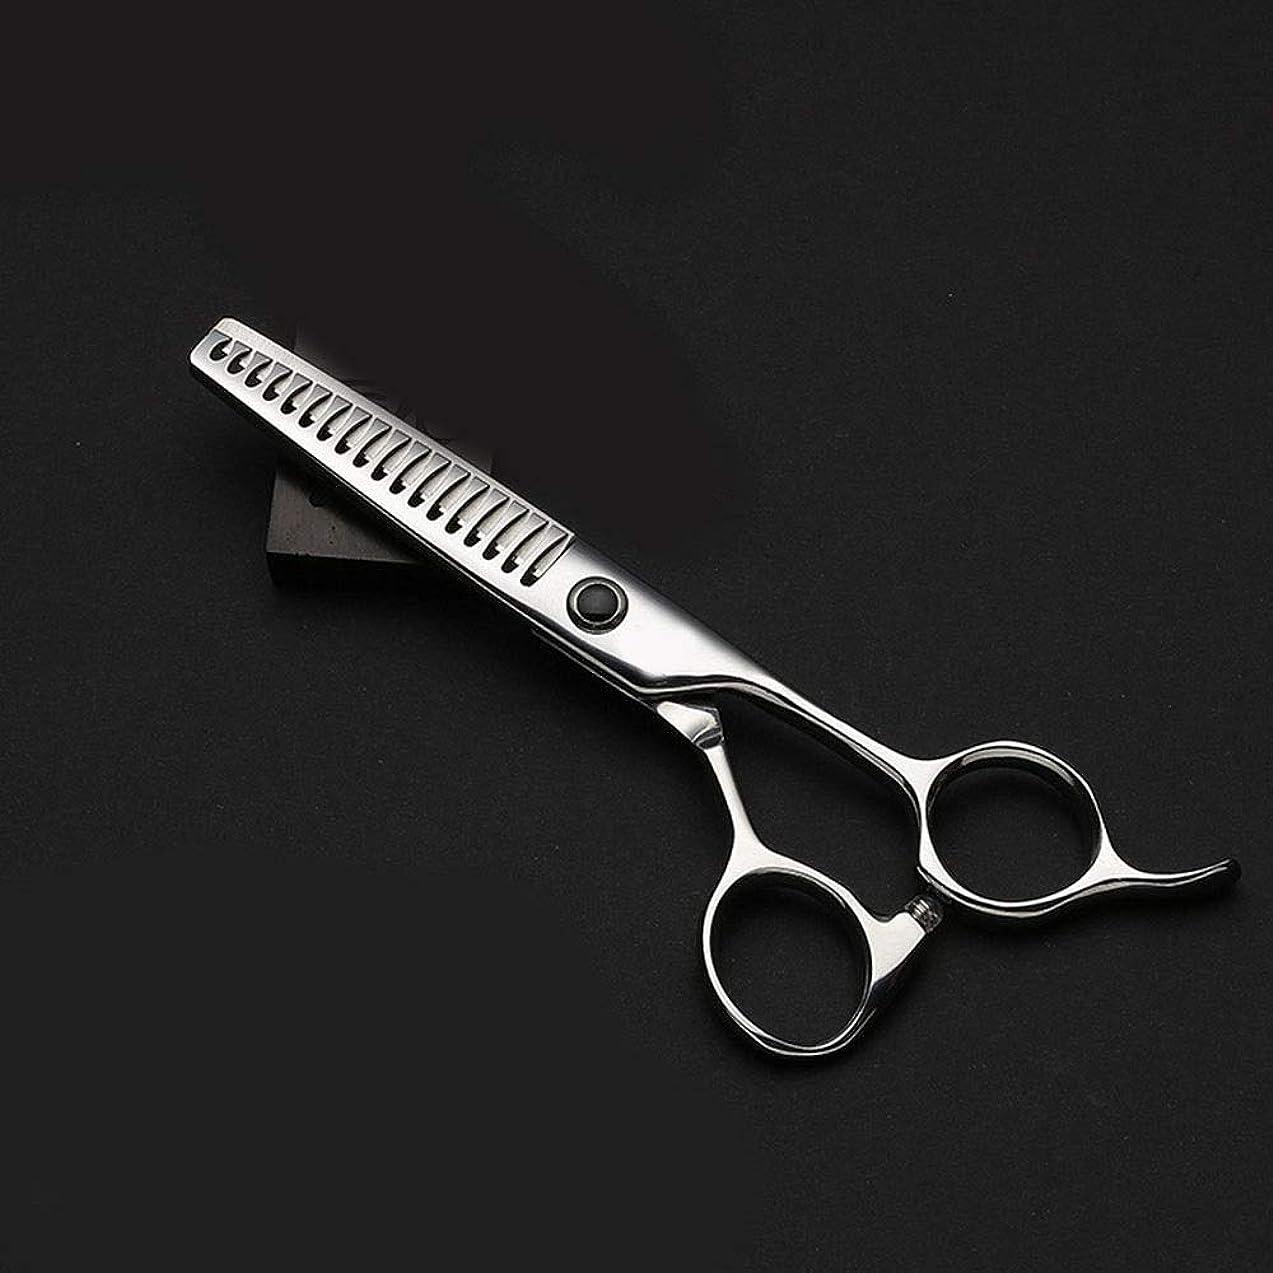 若い減る出血5.5インチの継ぎ目が無い魚骨はさみ、専門の理髪はさみ モデリングツール (色 : Silver)